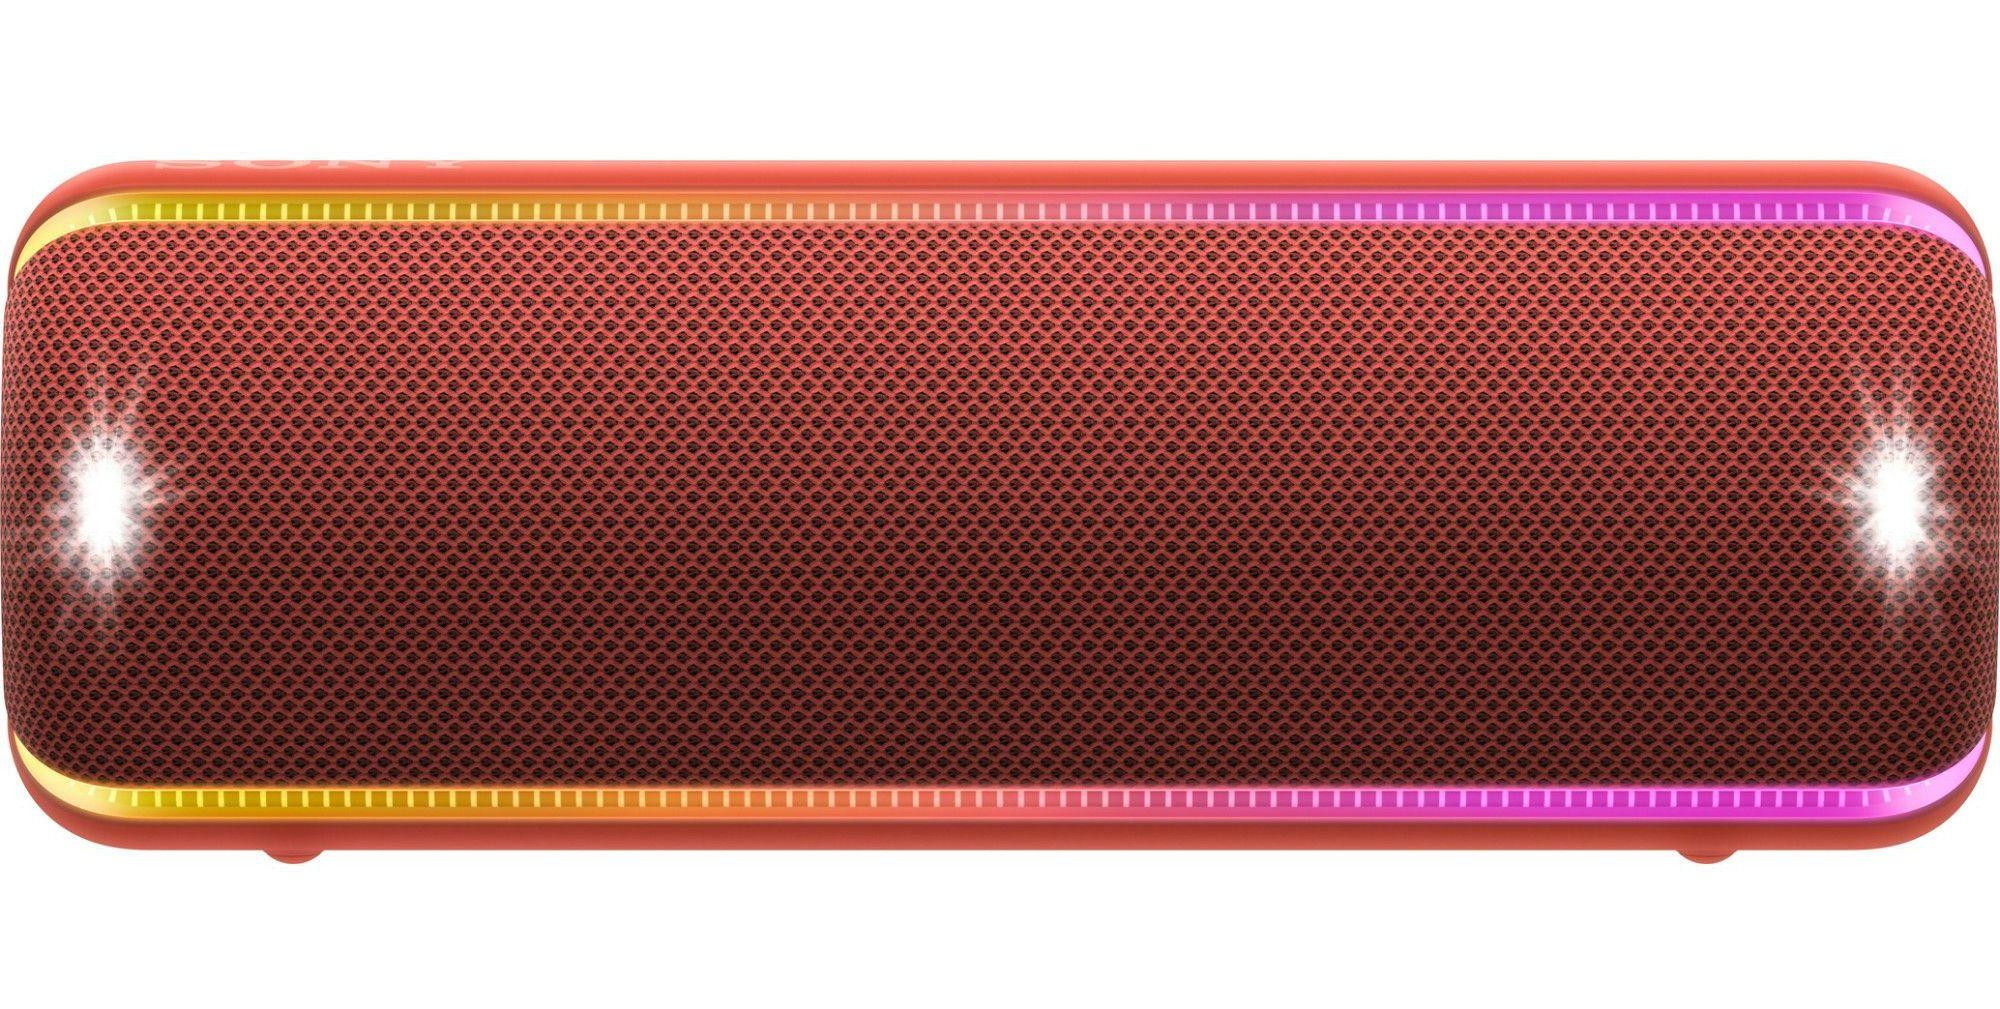 Мини колонка Sony - SRS-XB32, червена - 2